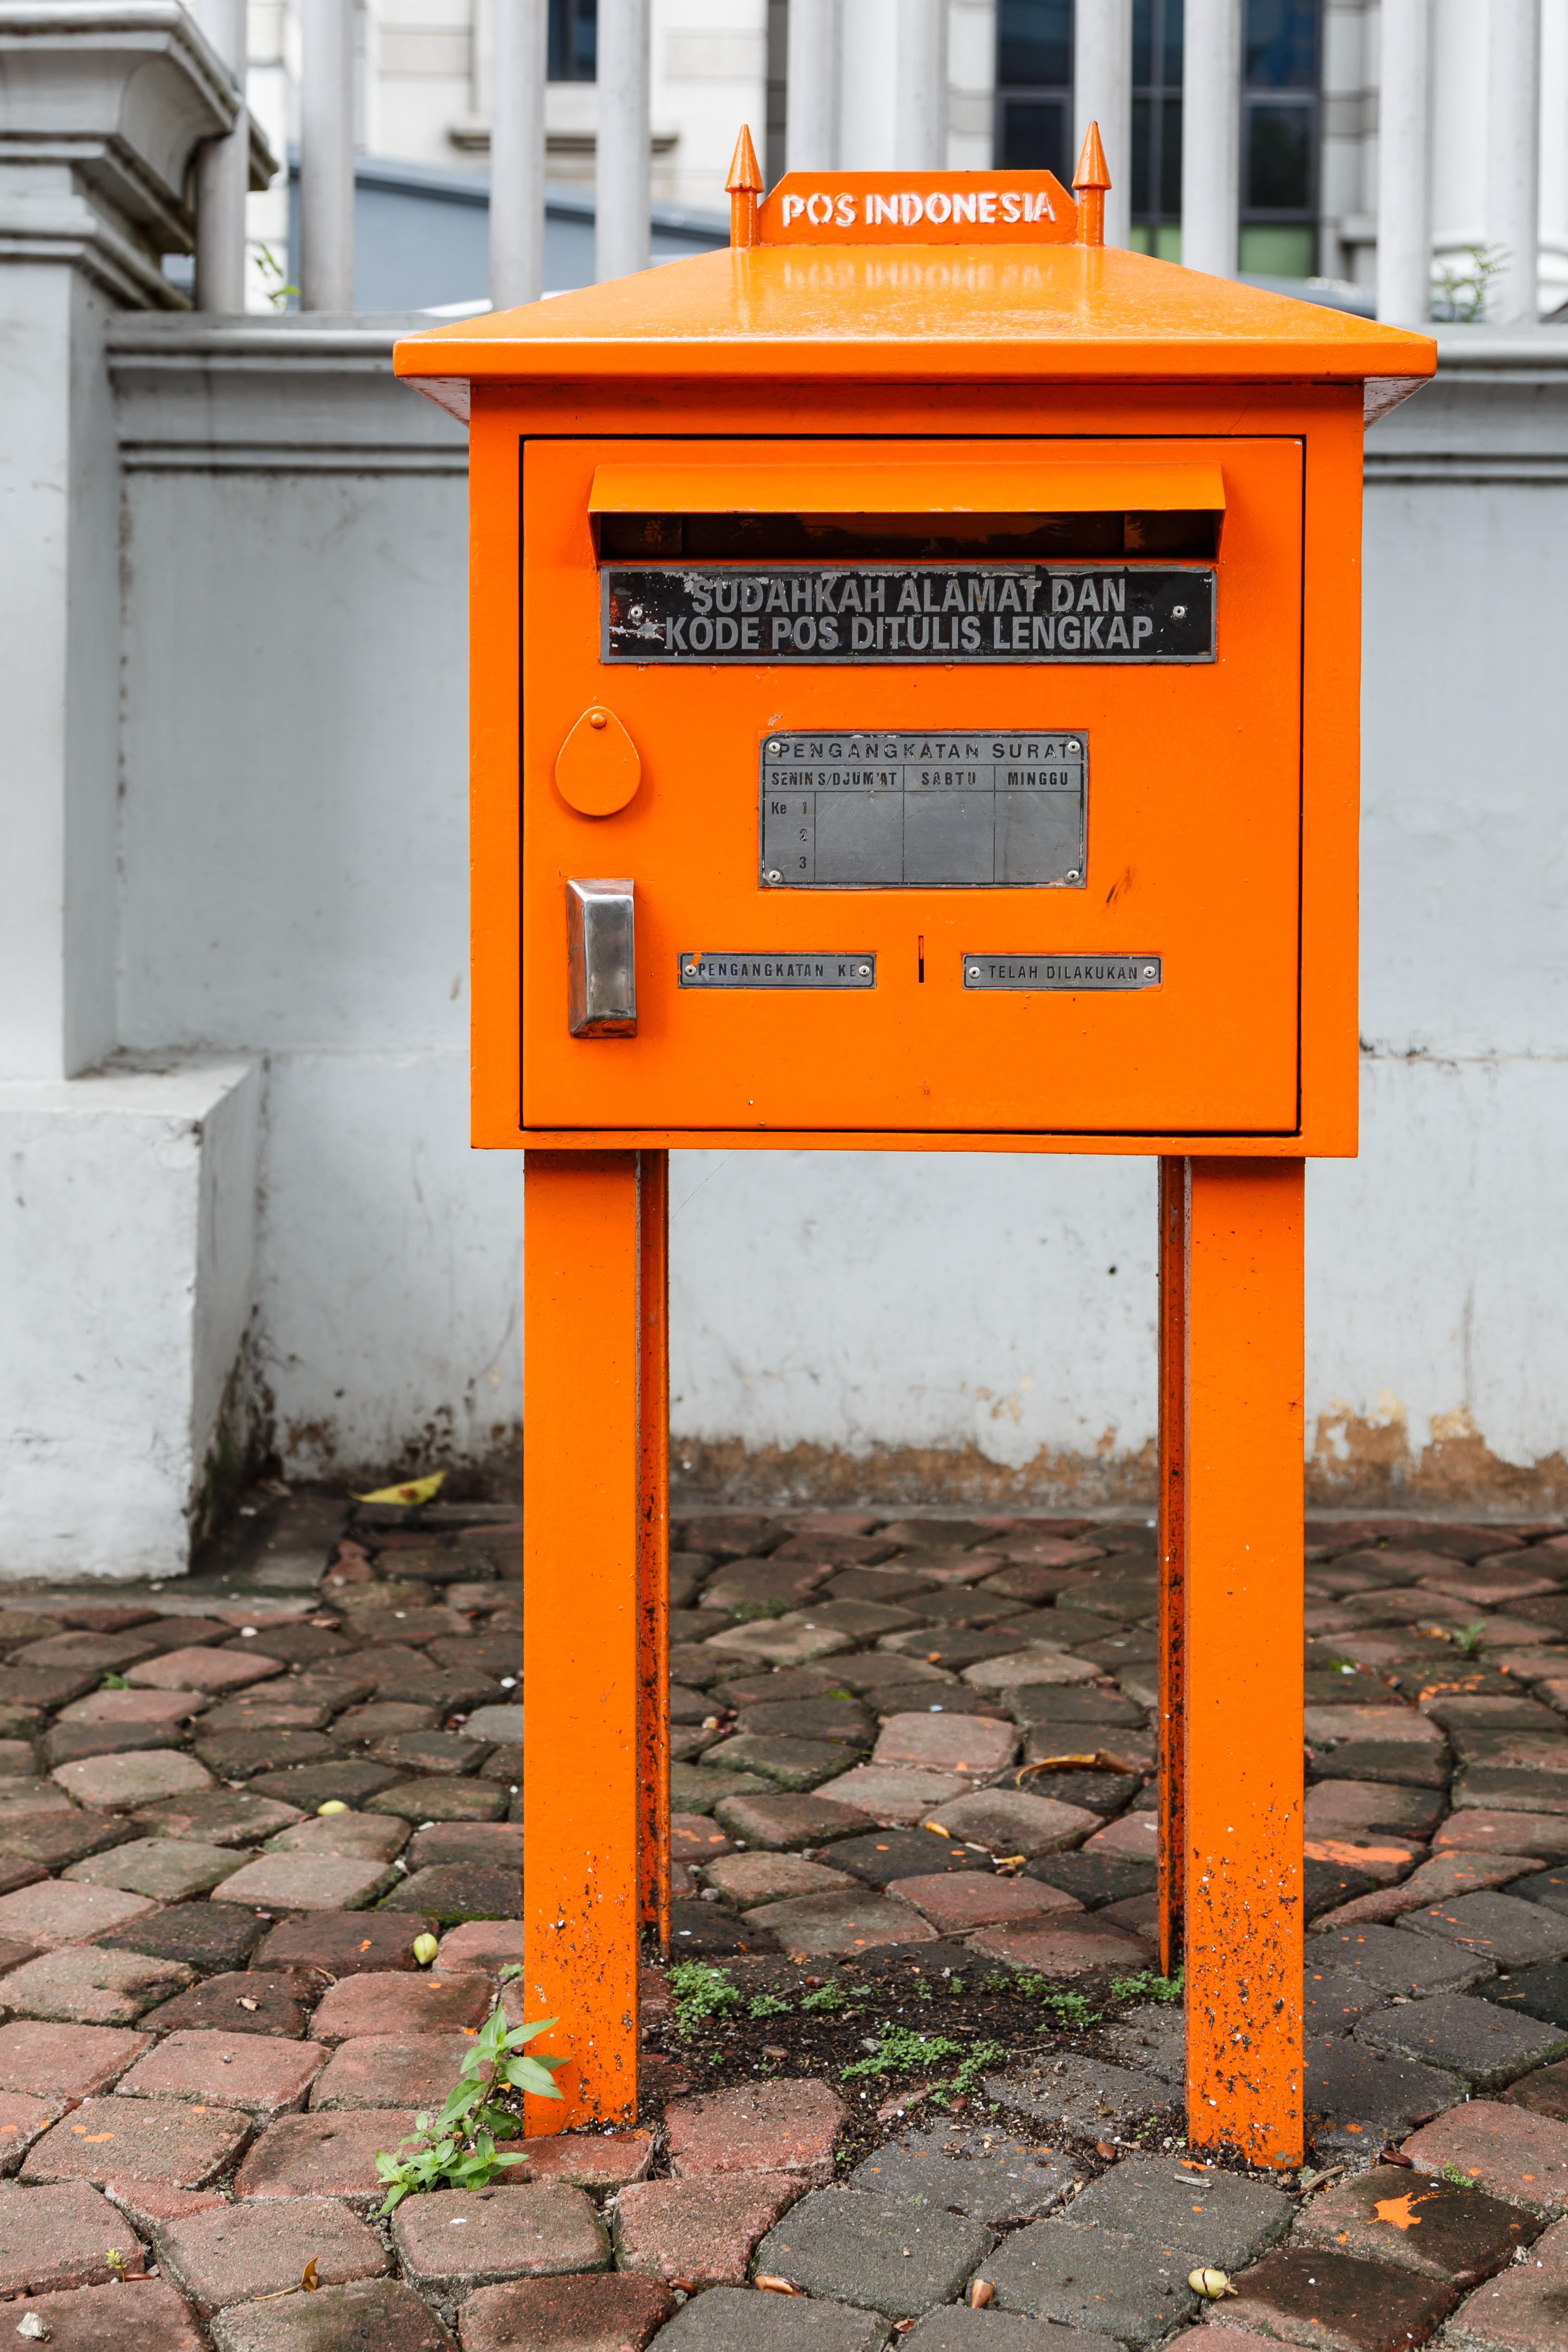 Filejakarta Indonesia Mailbox  Jpg